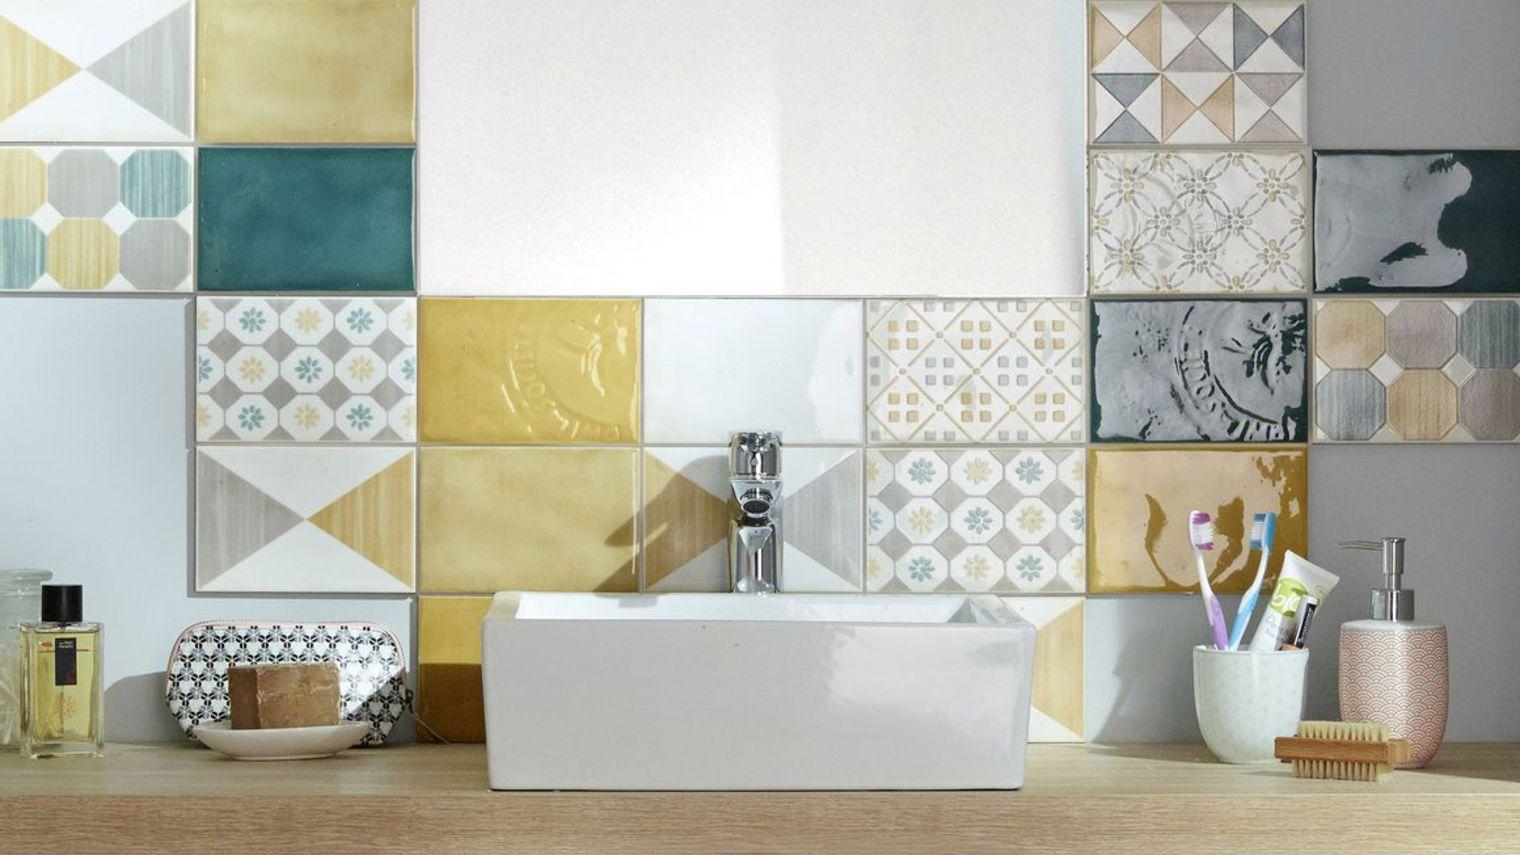 Carrelage Mural Mosaique Autour Du Miroir 5324545 Jpg 1520 855 Bathroom Interior Basement Remodeling Diy Decor